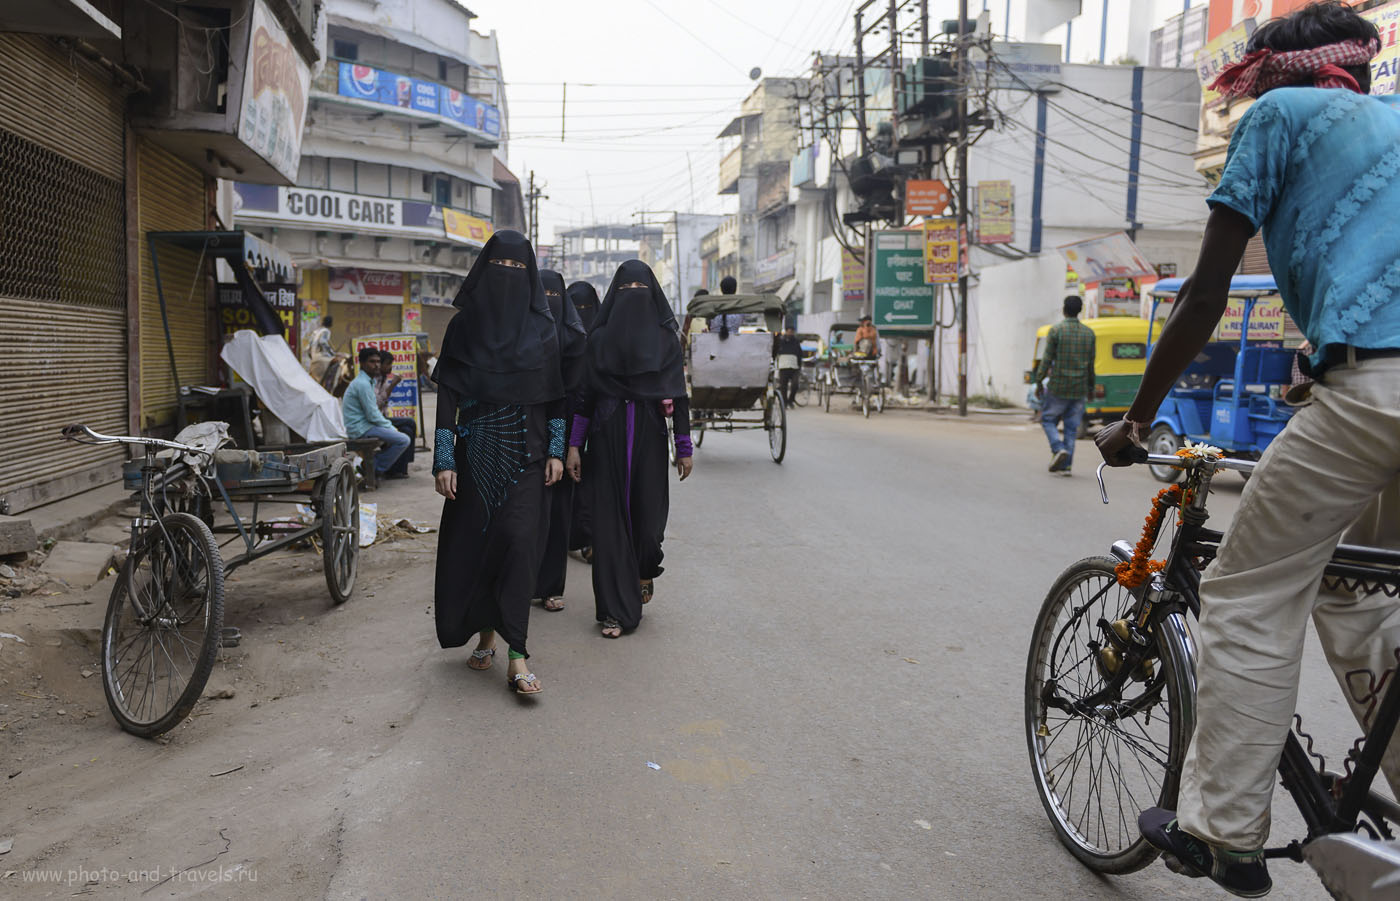 Фотография 19. Модницы на улицах Варанаси. Фоторепортаж о путешествии по Индии. 1/800, 2.8, 250, 24.